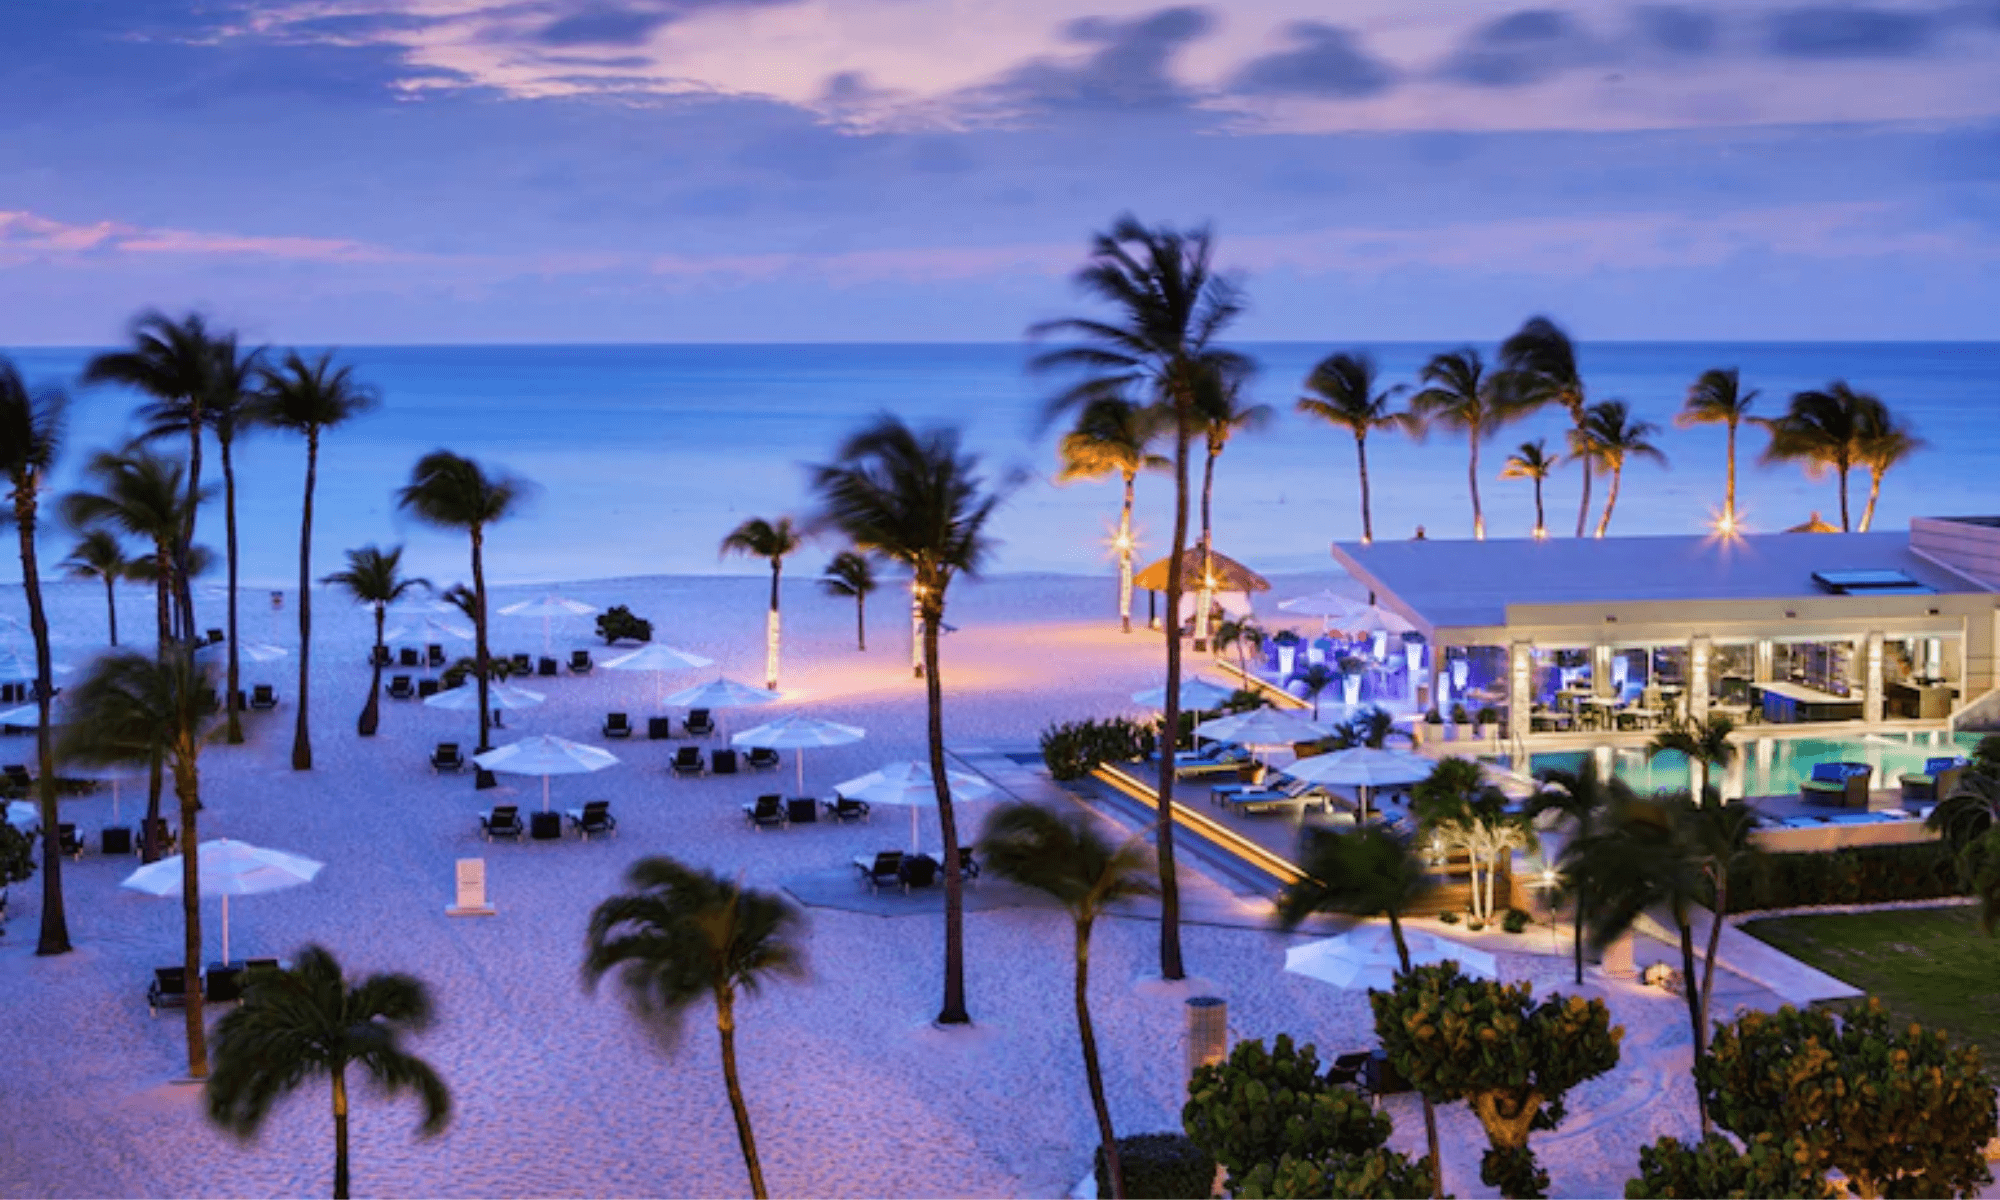 resort Aruba unico certificado carbono neutral del Caribe 1